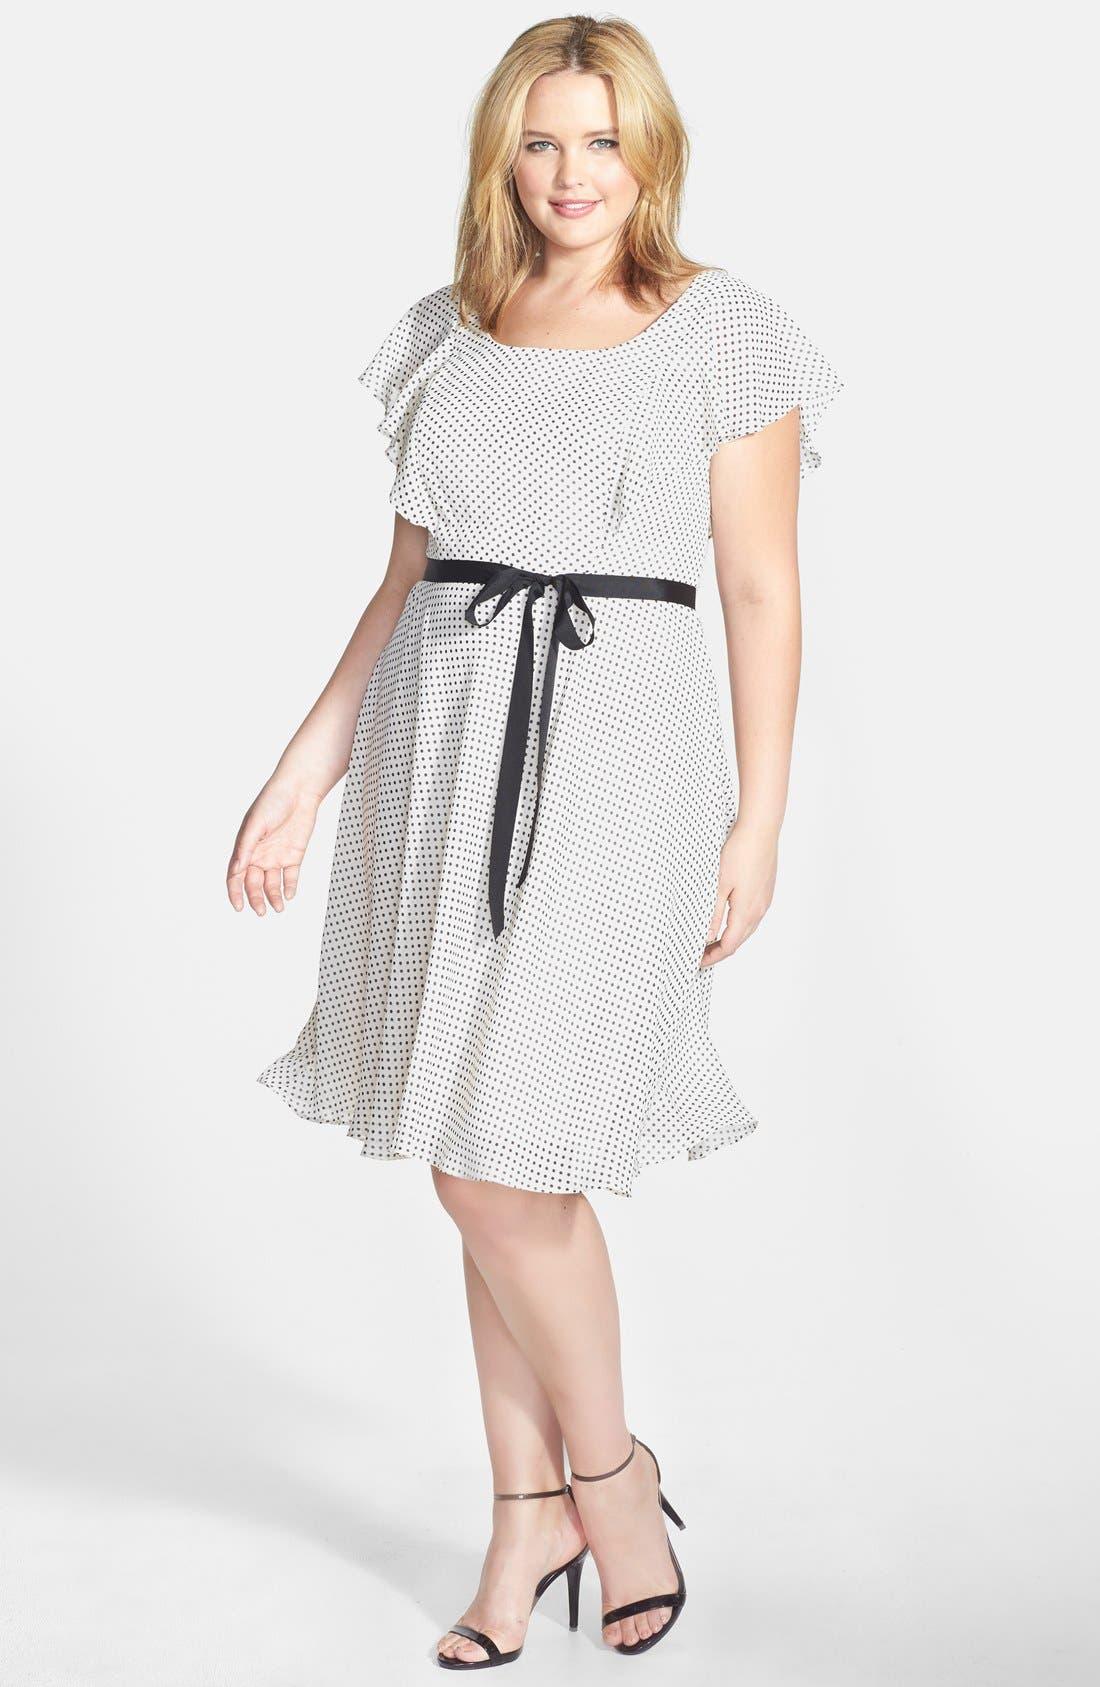 Main Image - Adrianna Papell Dot Print Ruffle A-Line Chiffon Dress (Plus Size)